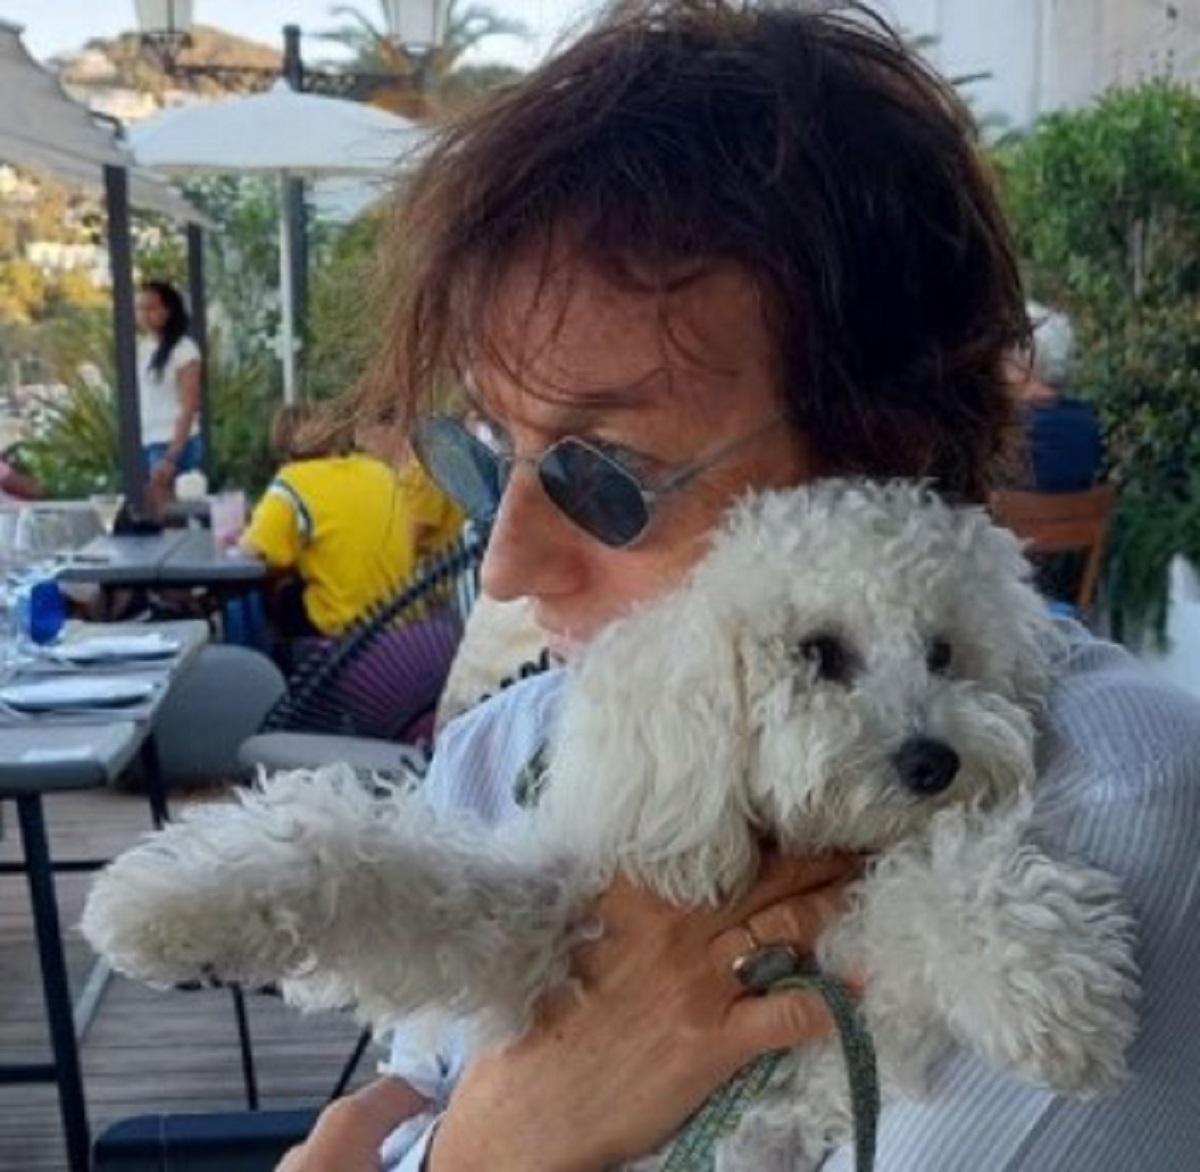 Gianna Nannini regalo figlia Penelope cagnolino